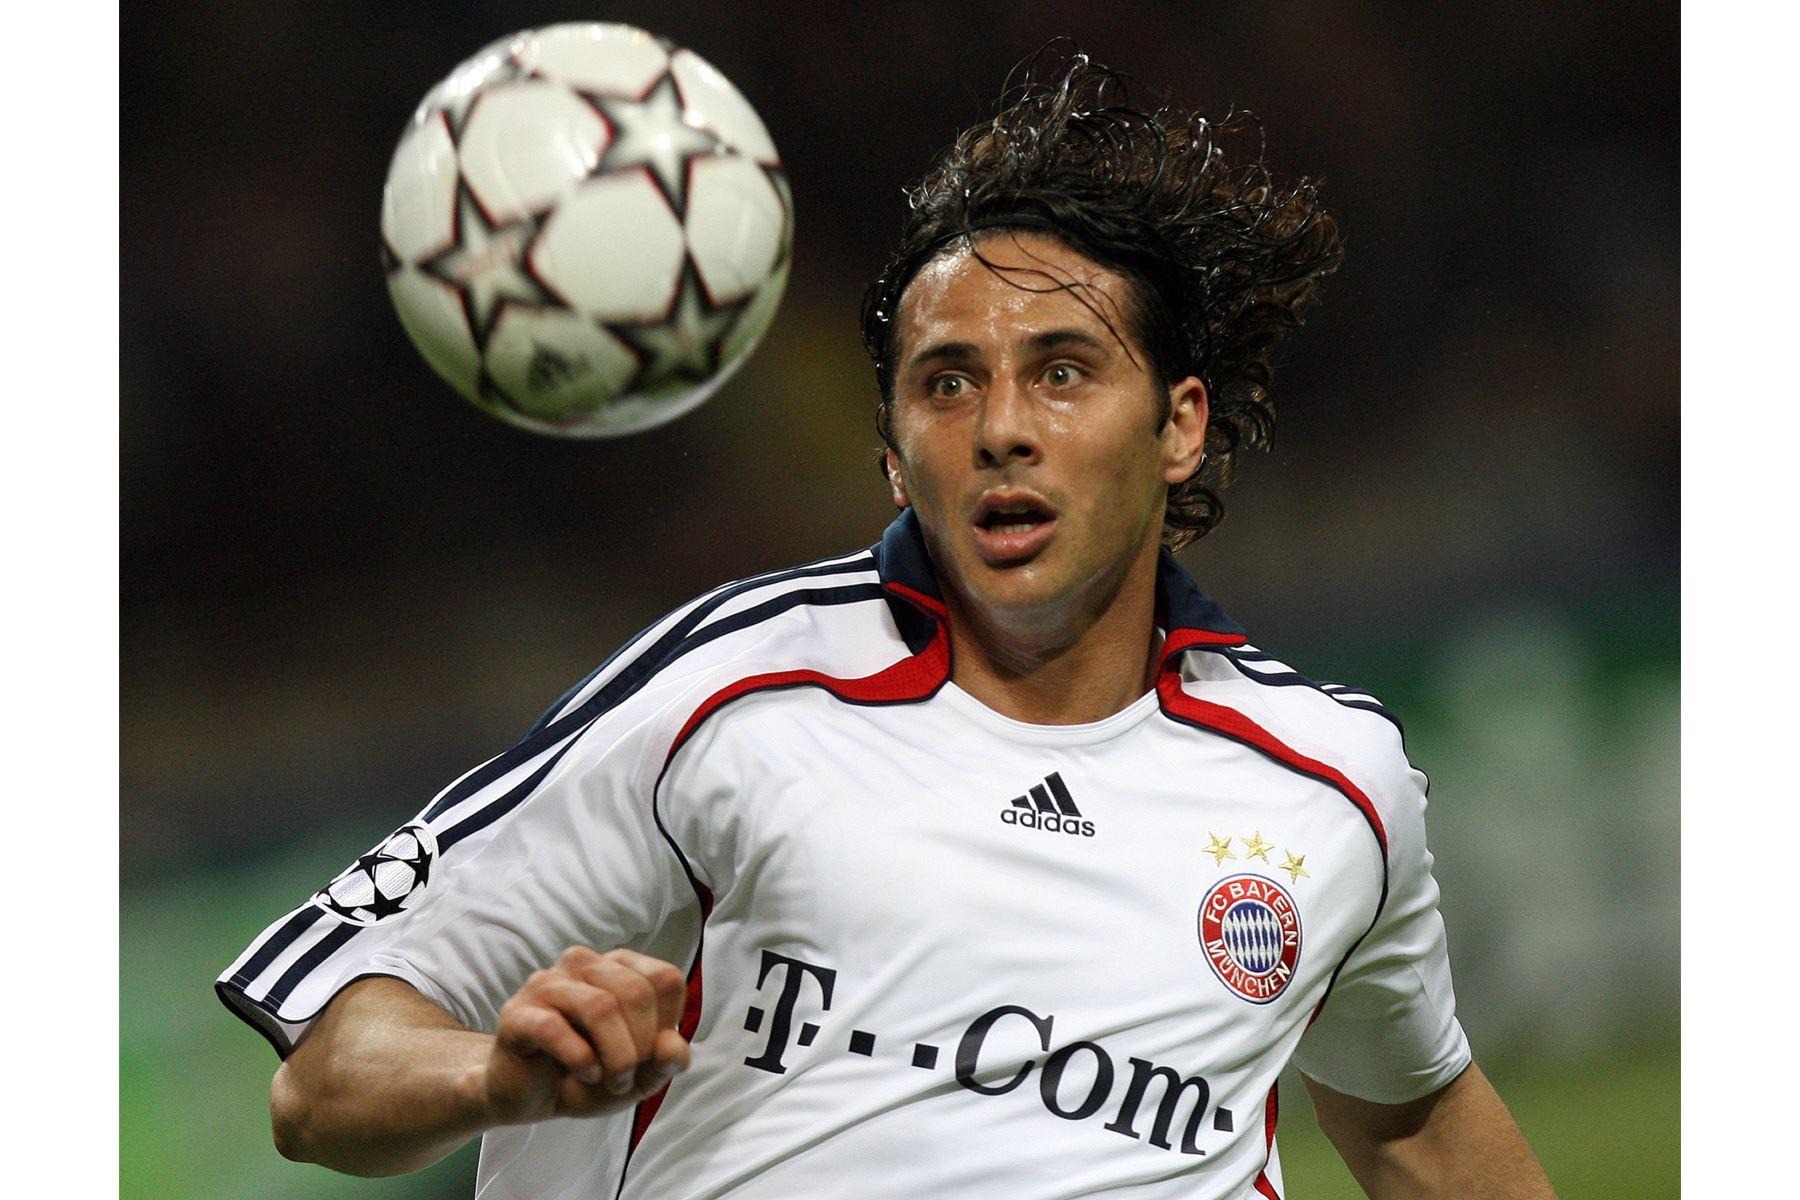 El delantero peruano del Bayern de Múnich, Claudio Pizarro, observa el balón durante el partido de ida de los cuartos de final de la Liga de Campeones, en el estadio San Siro de Milán, el 3 de abril de 2007. Foto: AFP